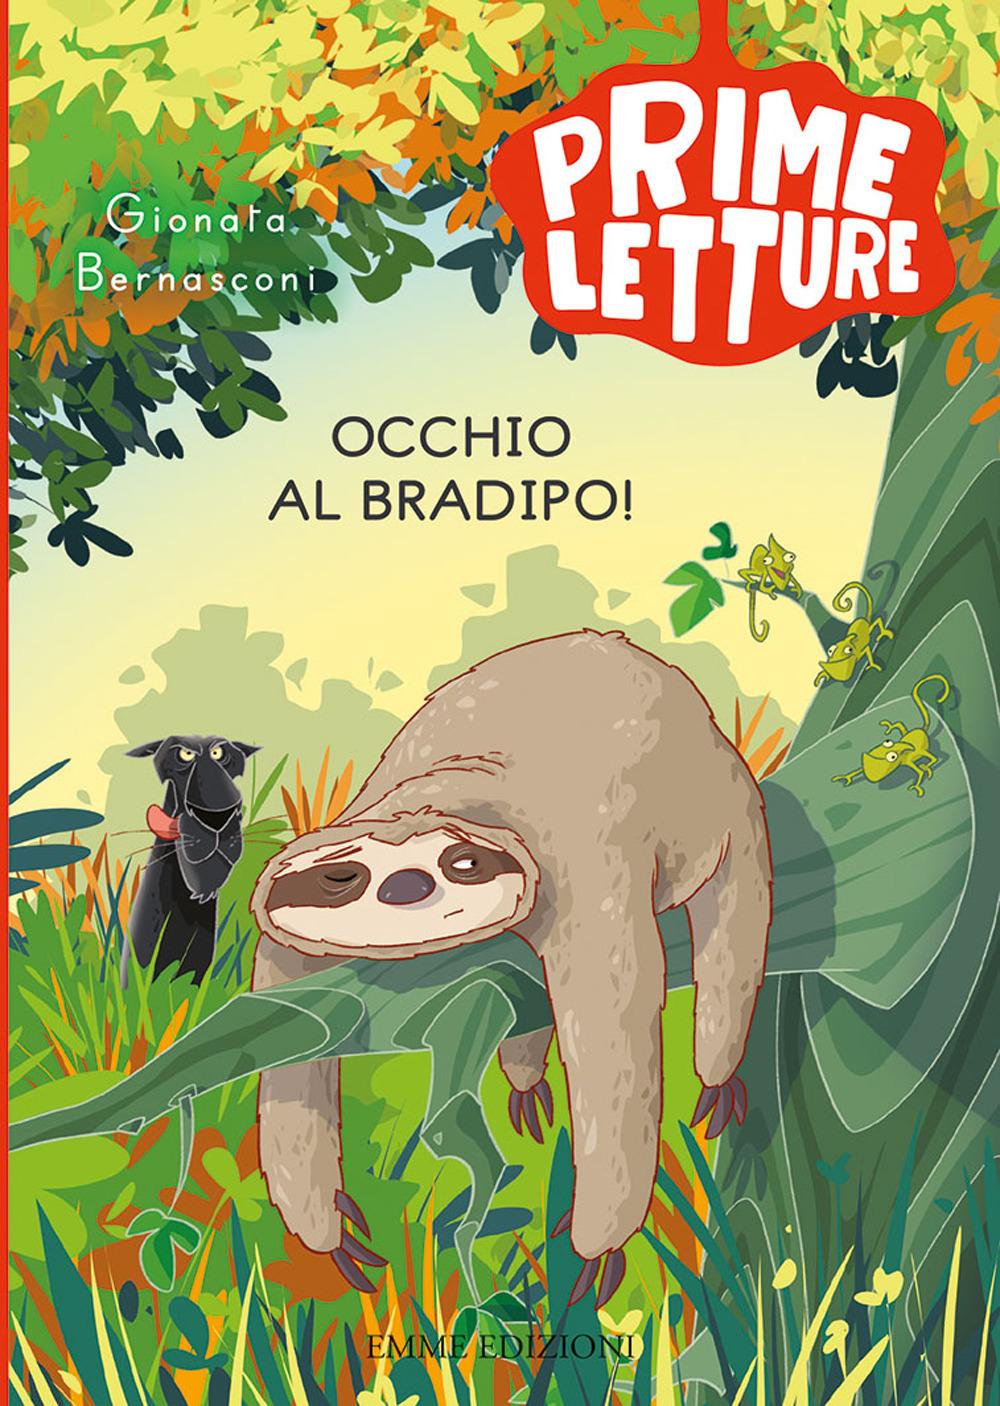 Image of Occhio al bradipo!